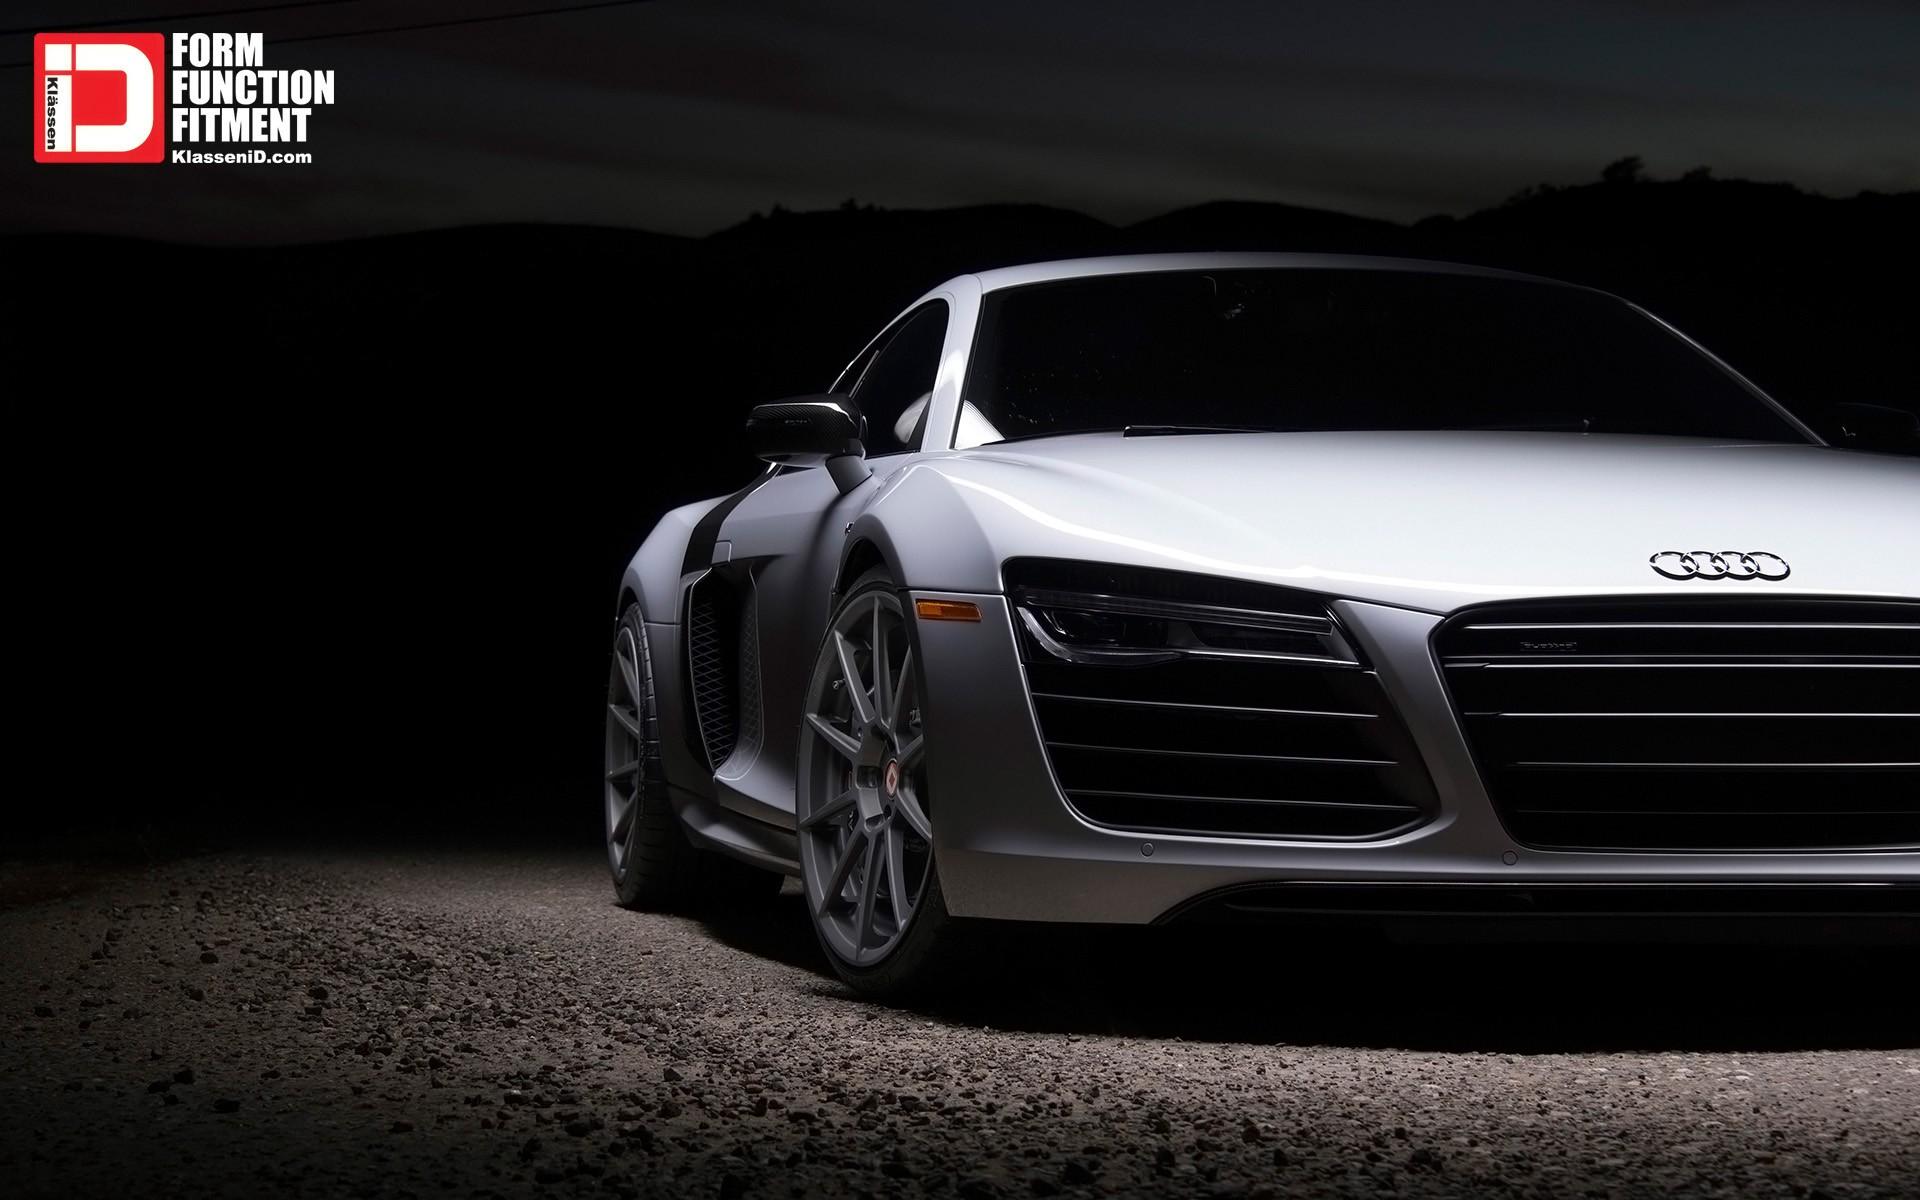 Audi R8 Wallpaper Iphone 6 2015 Klassen Audi R8 Wallpaper Hd Car Wallpapers Id 5963